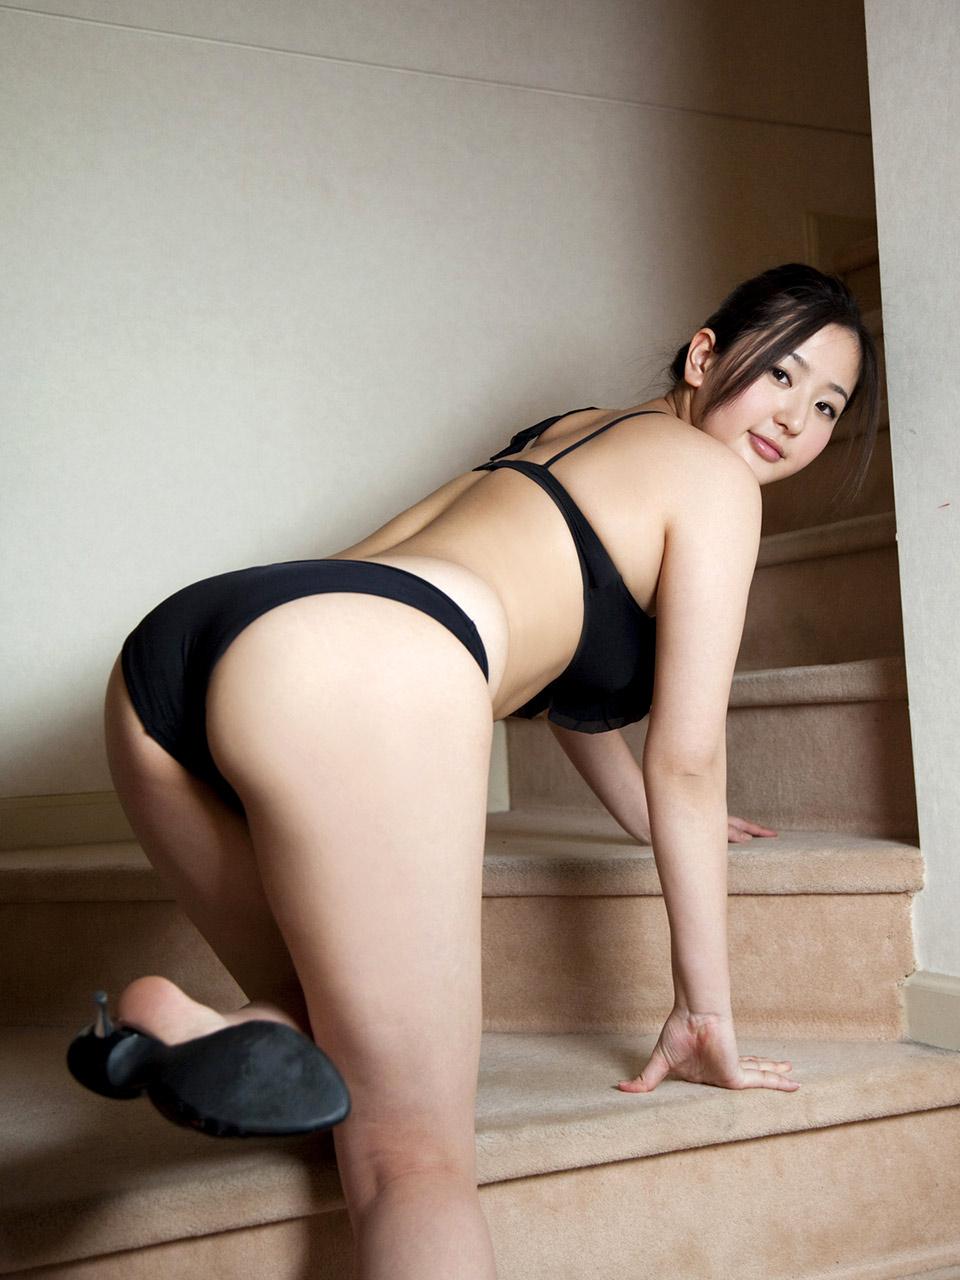 Yuri Murakami 村上友梨 Photo Gallery 40 @ JJGirls AV Girls